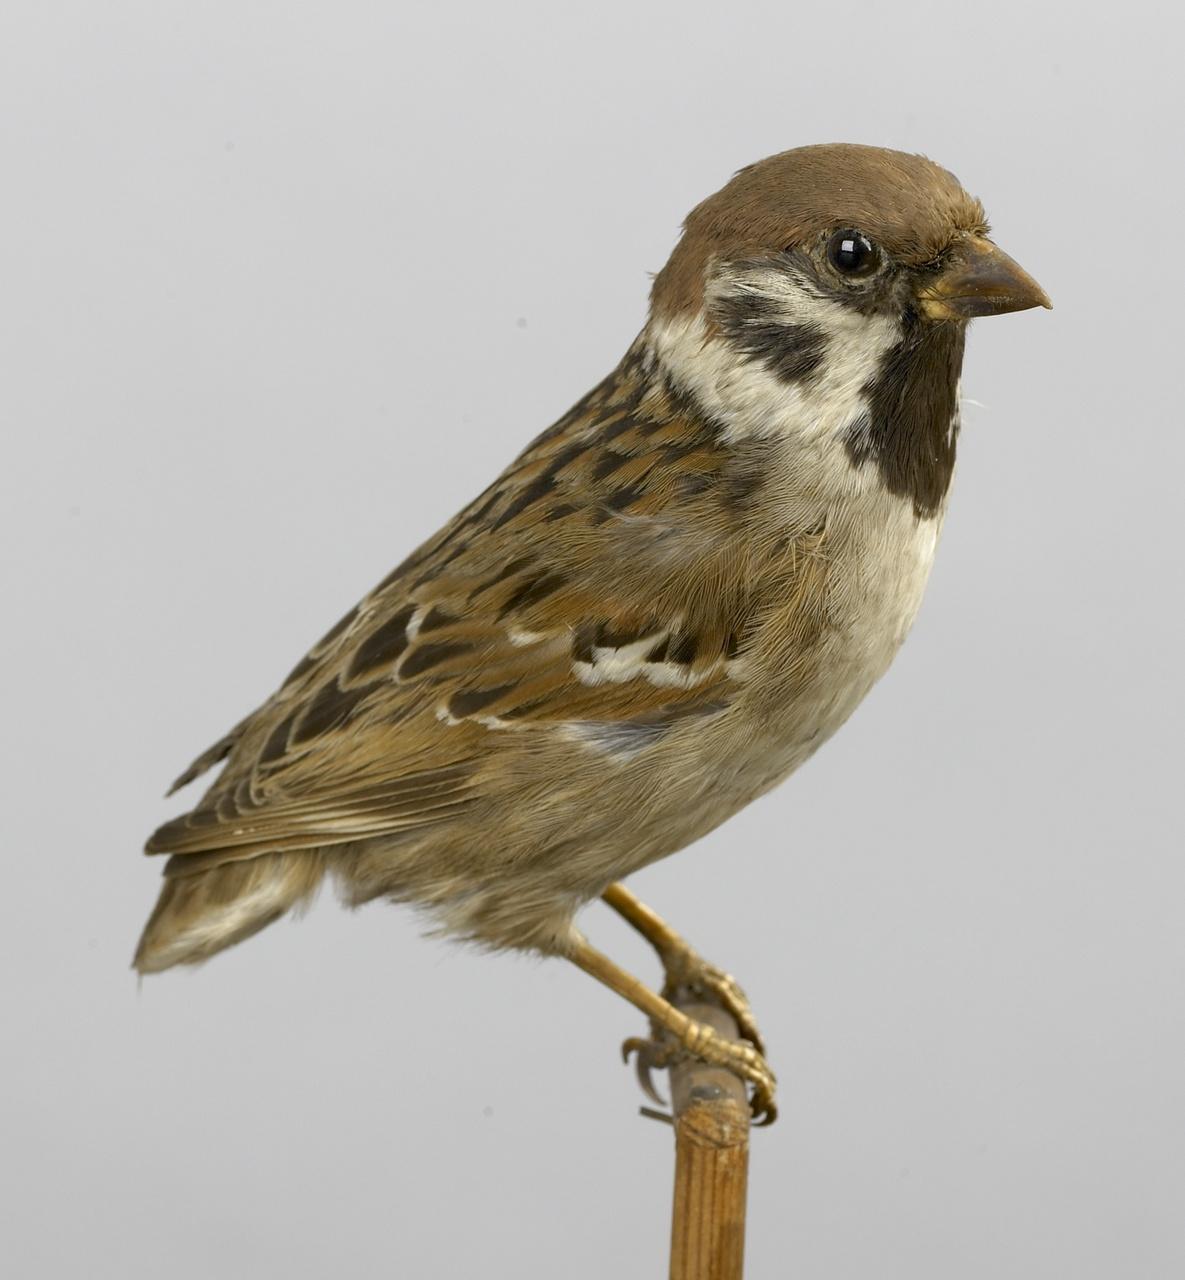 Passer montanus (Linnaeus, 1758), Ringmus, opgezette vogel